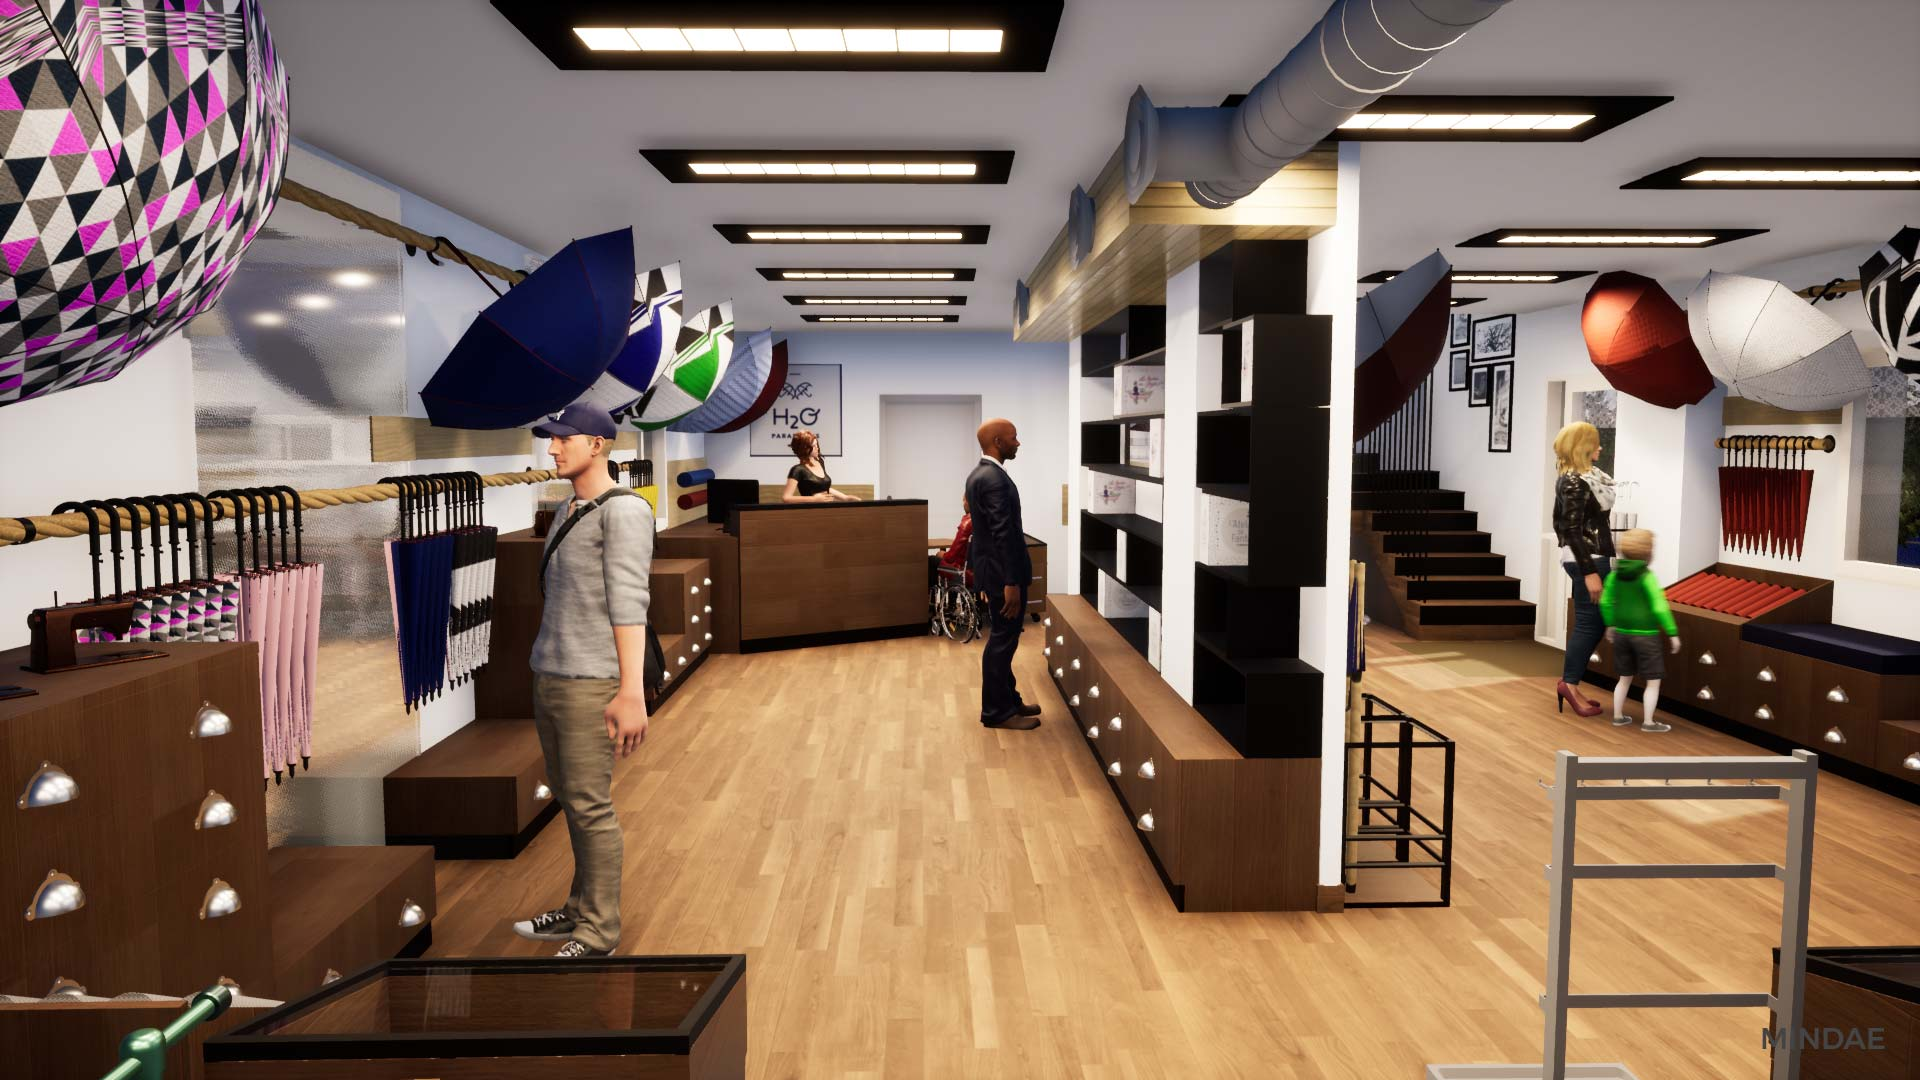 Mindae_3D_h2o_parapluies_crepon_creully_agencement_boutique_projet-(20)